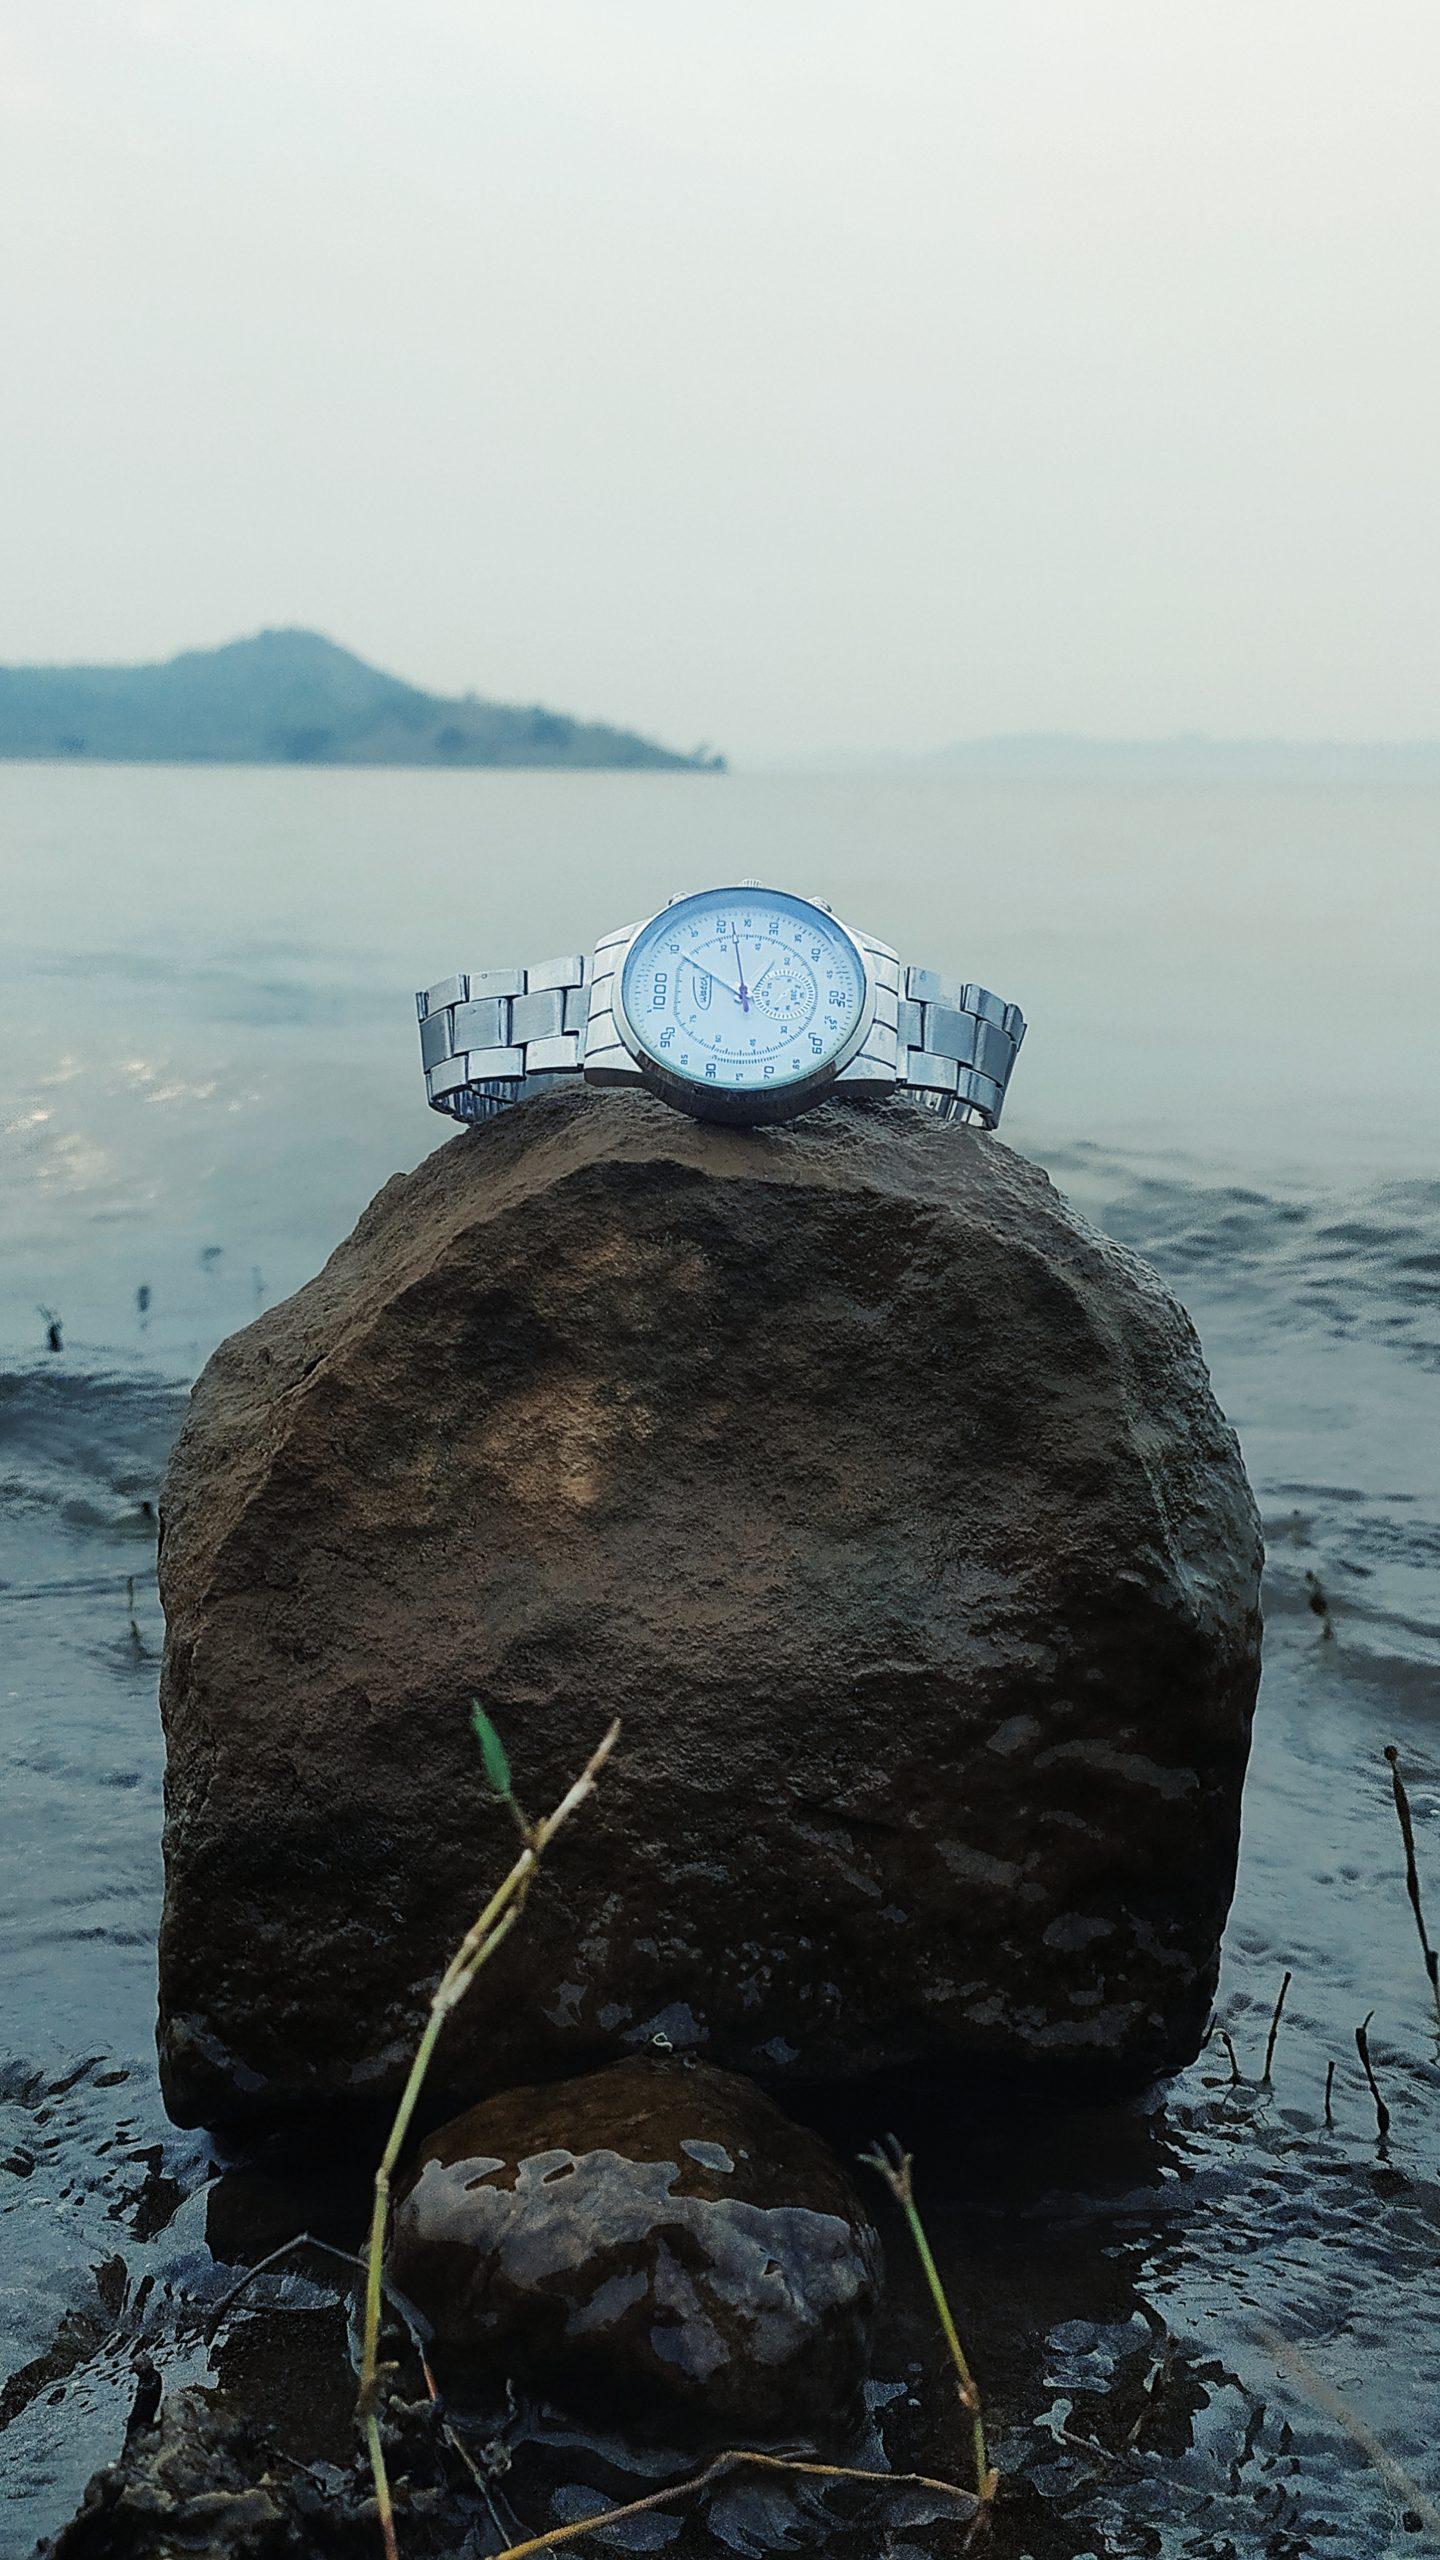 Wrist watch on a rock